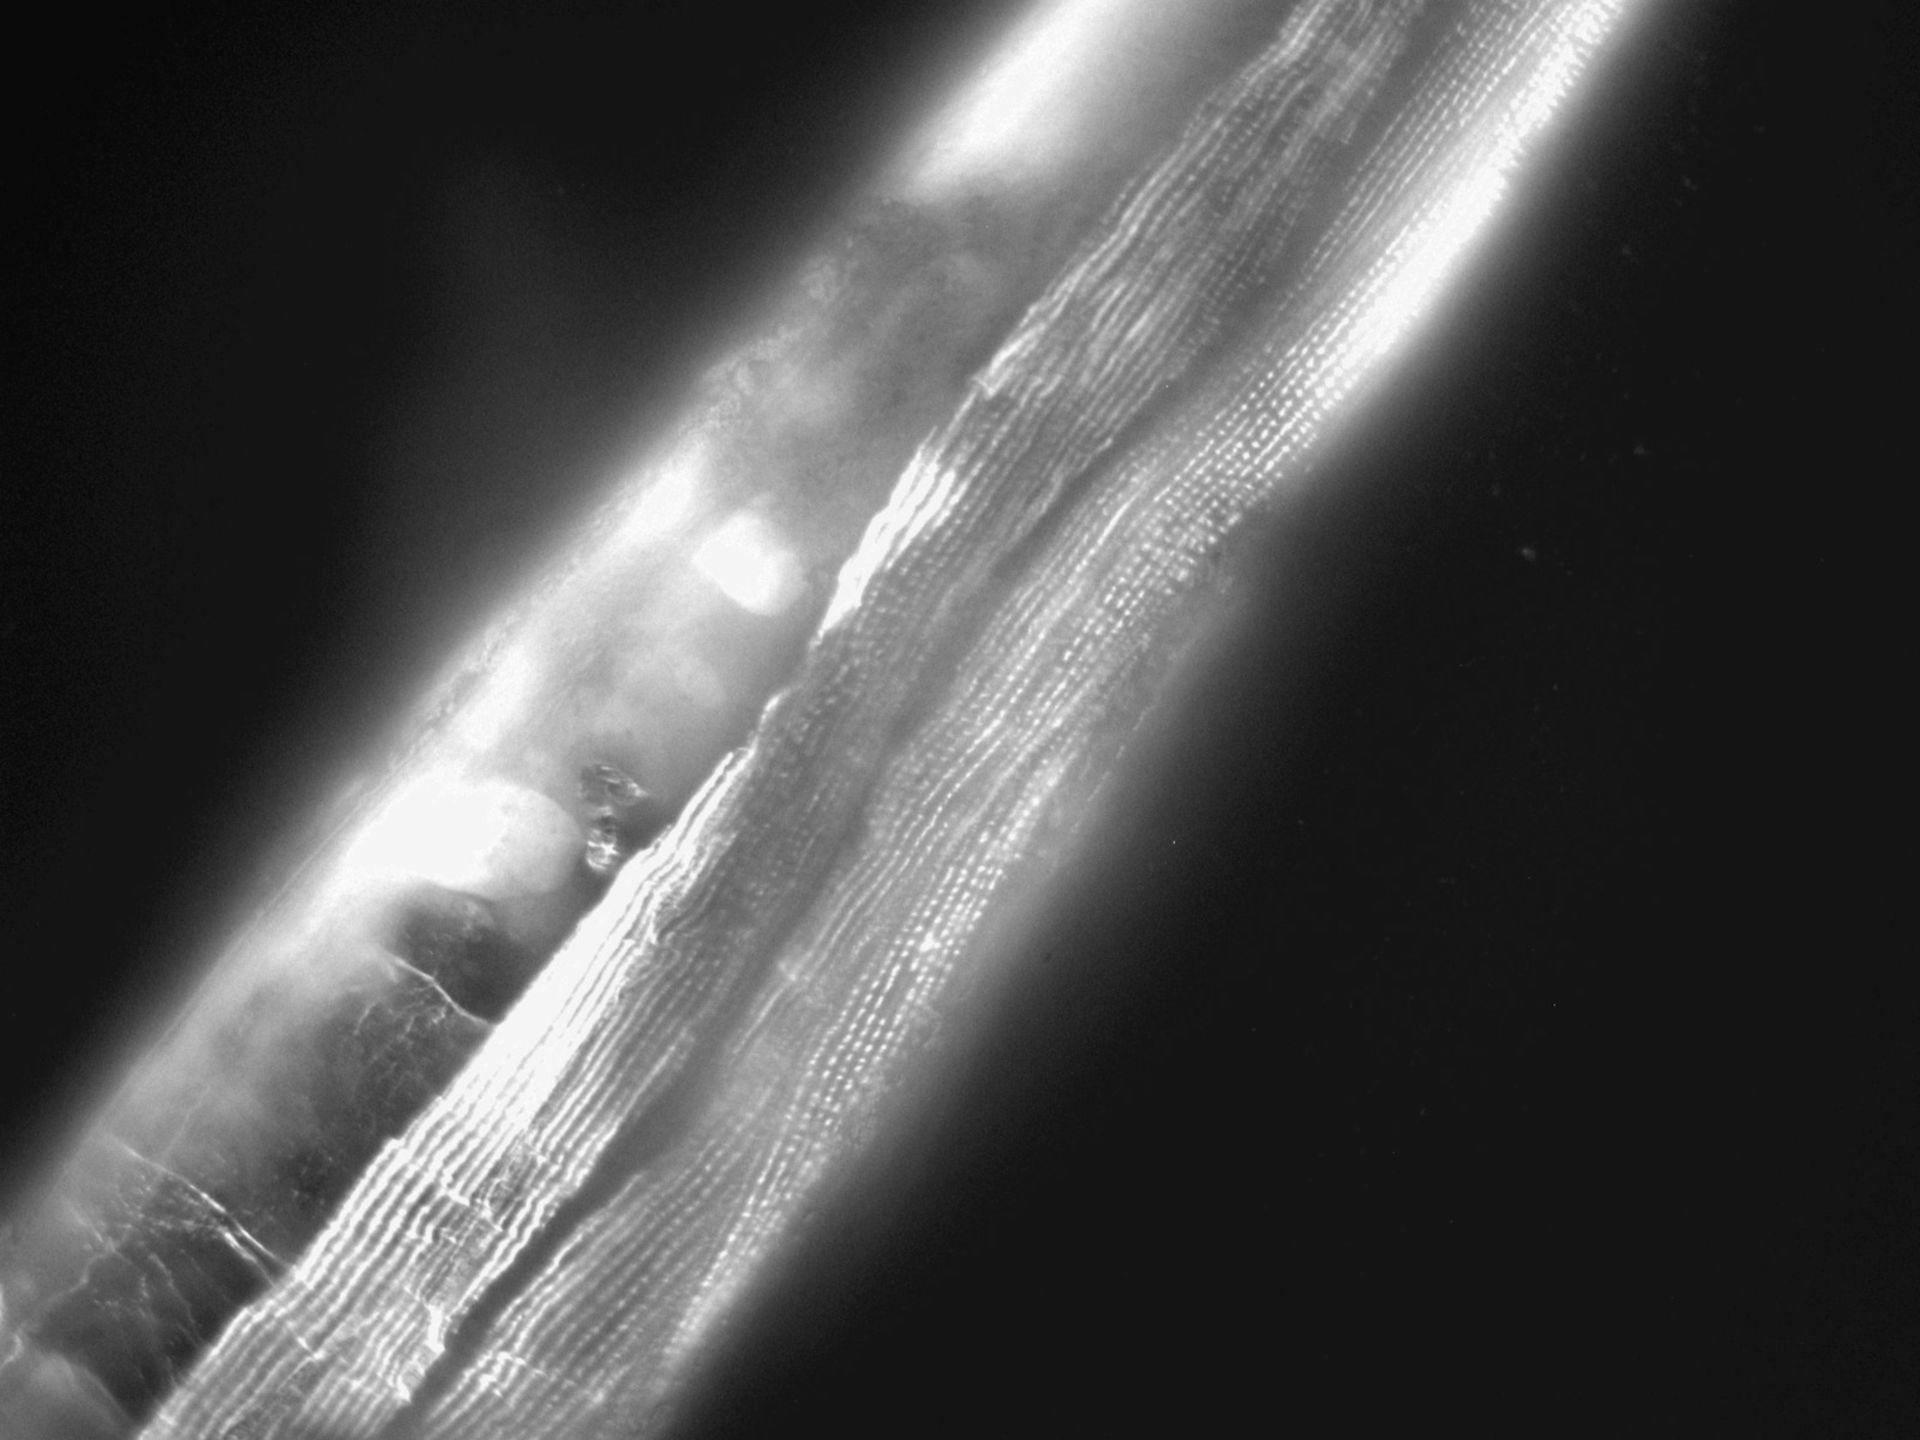 Caenorhabditis elegans (Actin filament) - CIL:1105